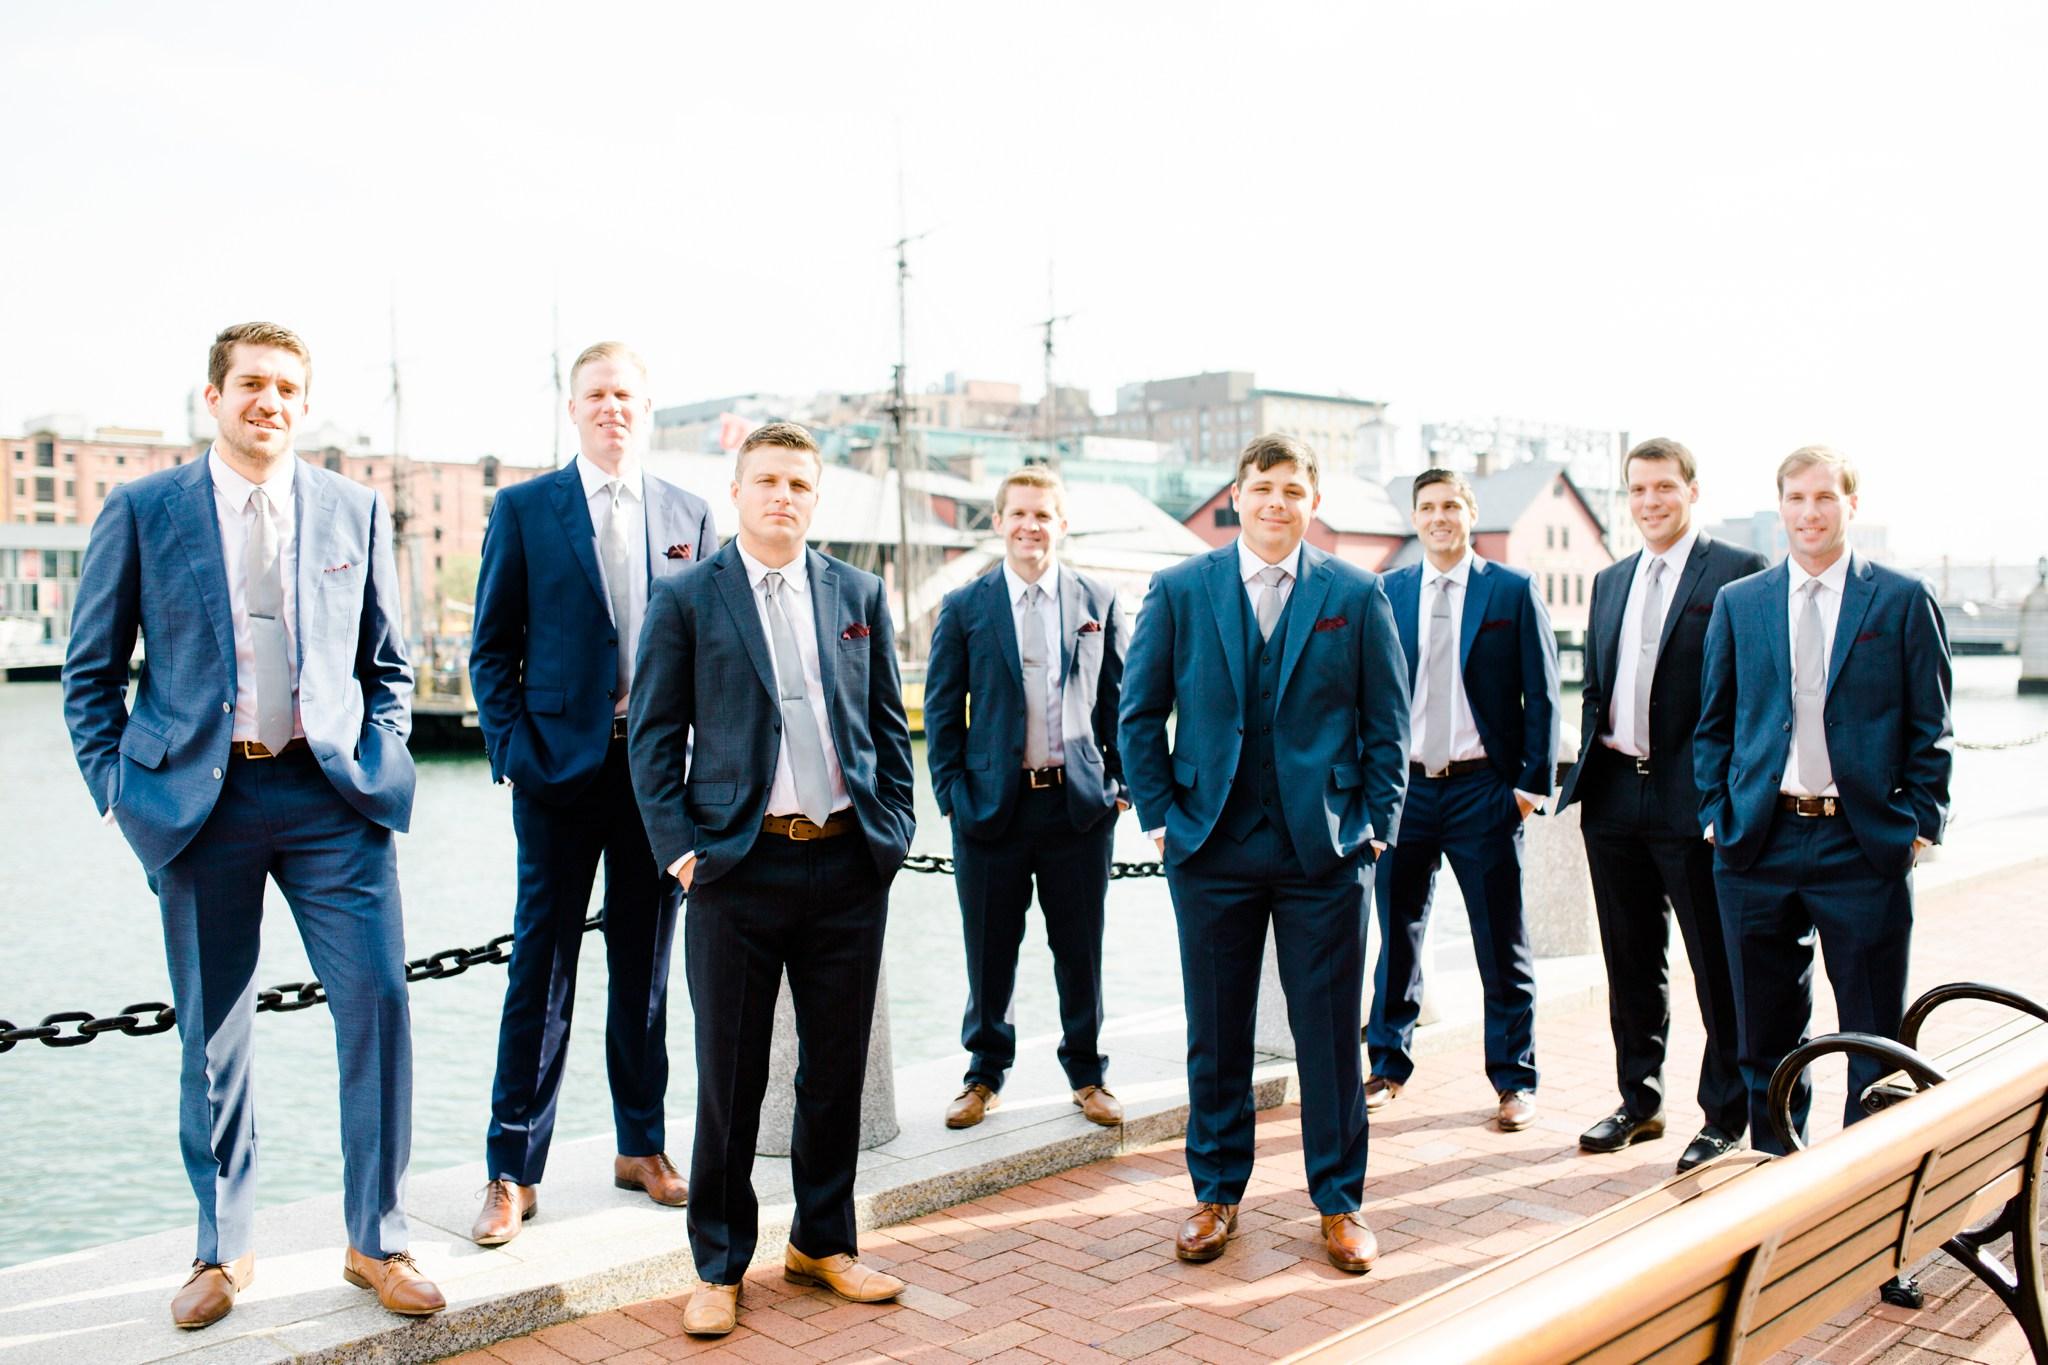 boston_wedding_deborah_zoe_photography_00009.JPG